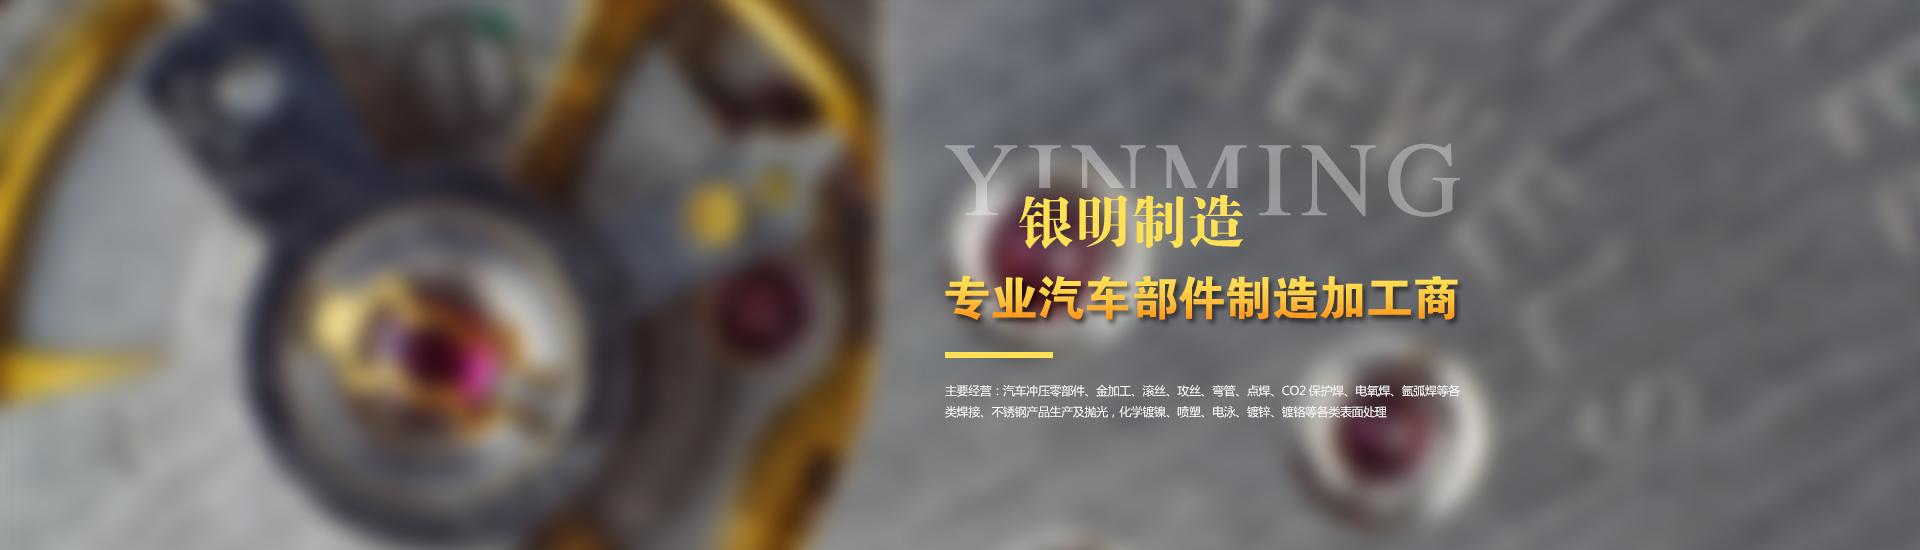 74222.com普京官网